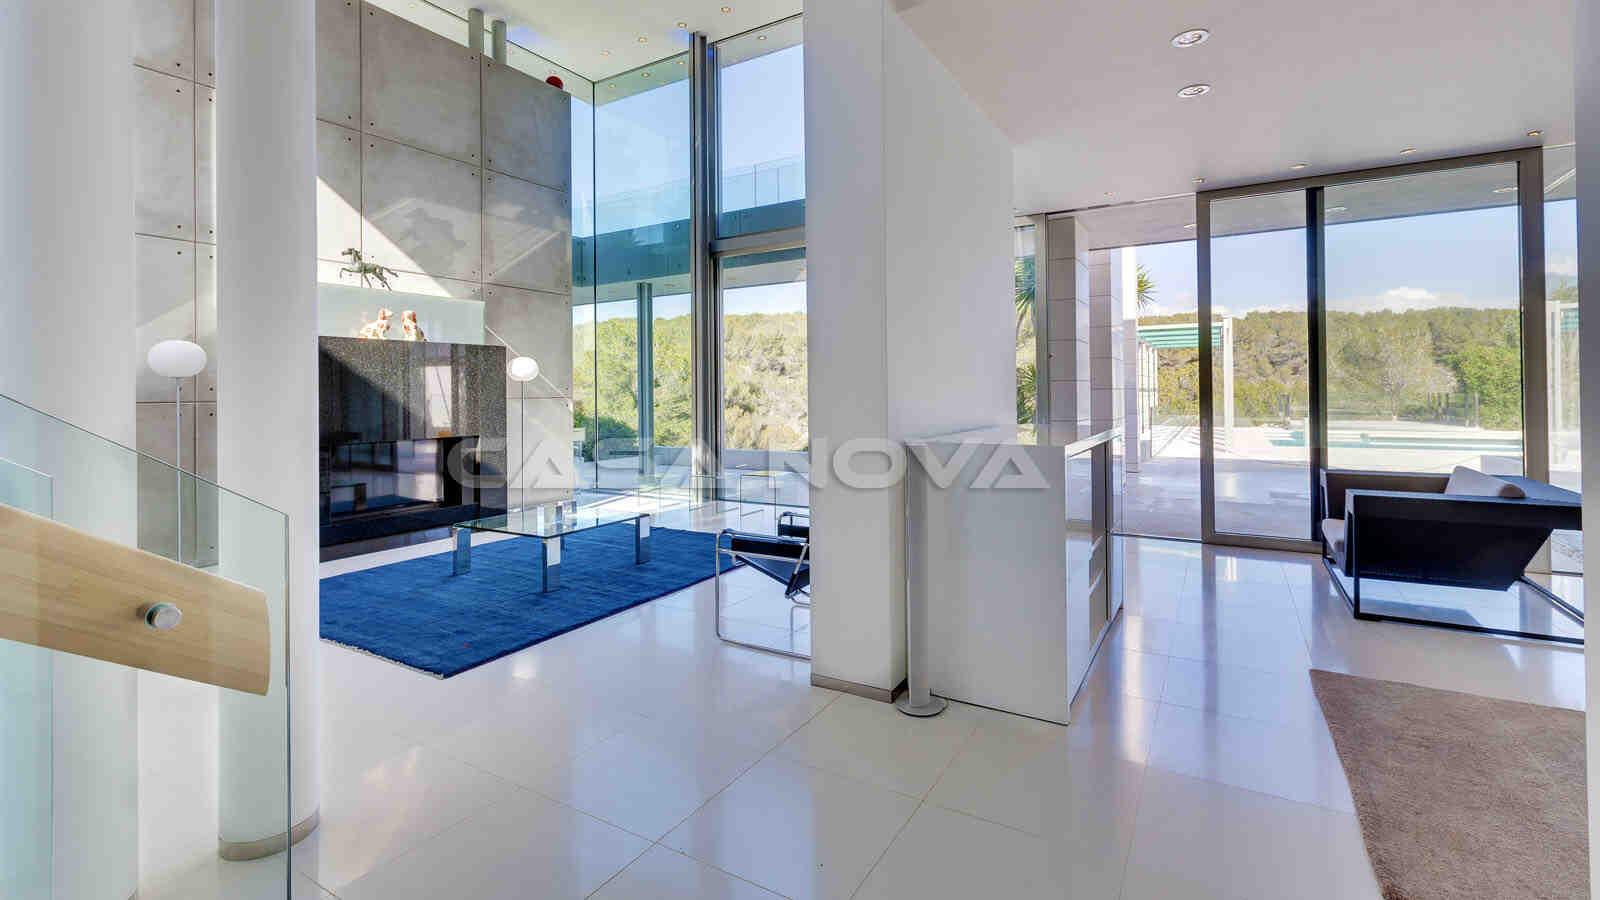 Luxus Immobilie Mallorca mit hohen Decken und lichtdurchfluteten Räumen